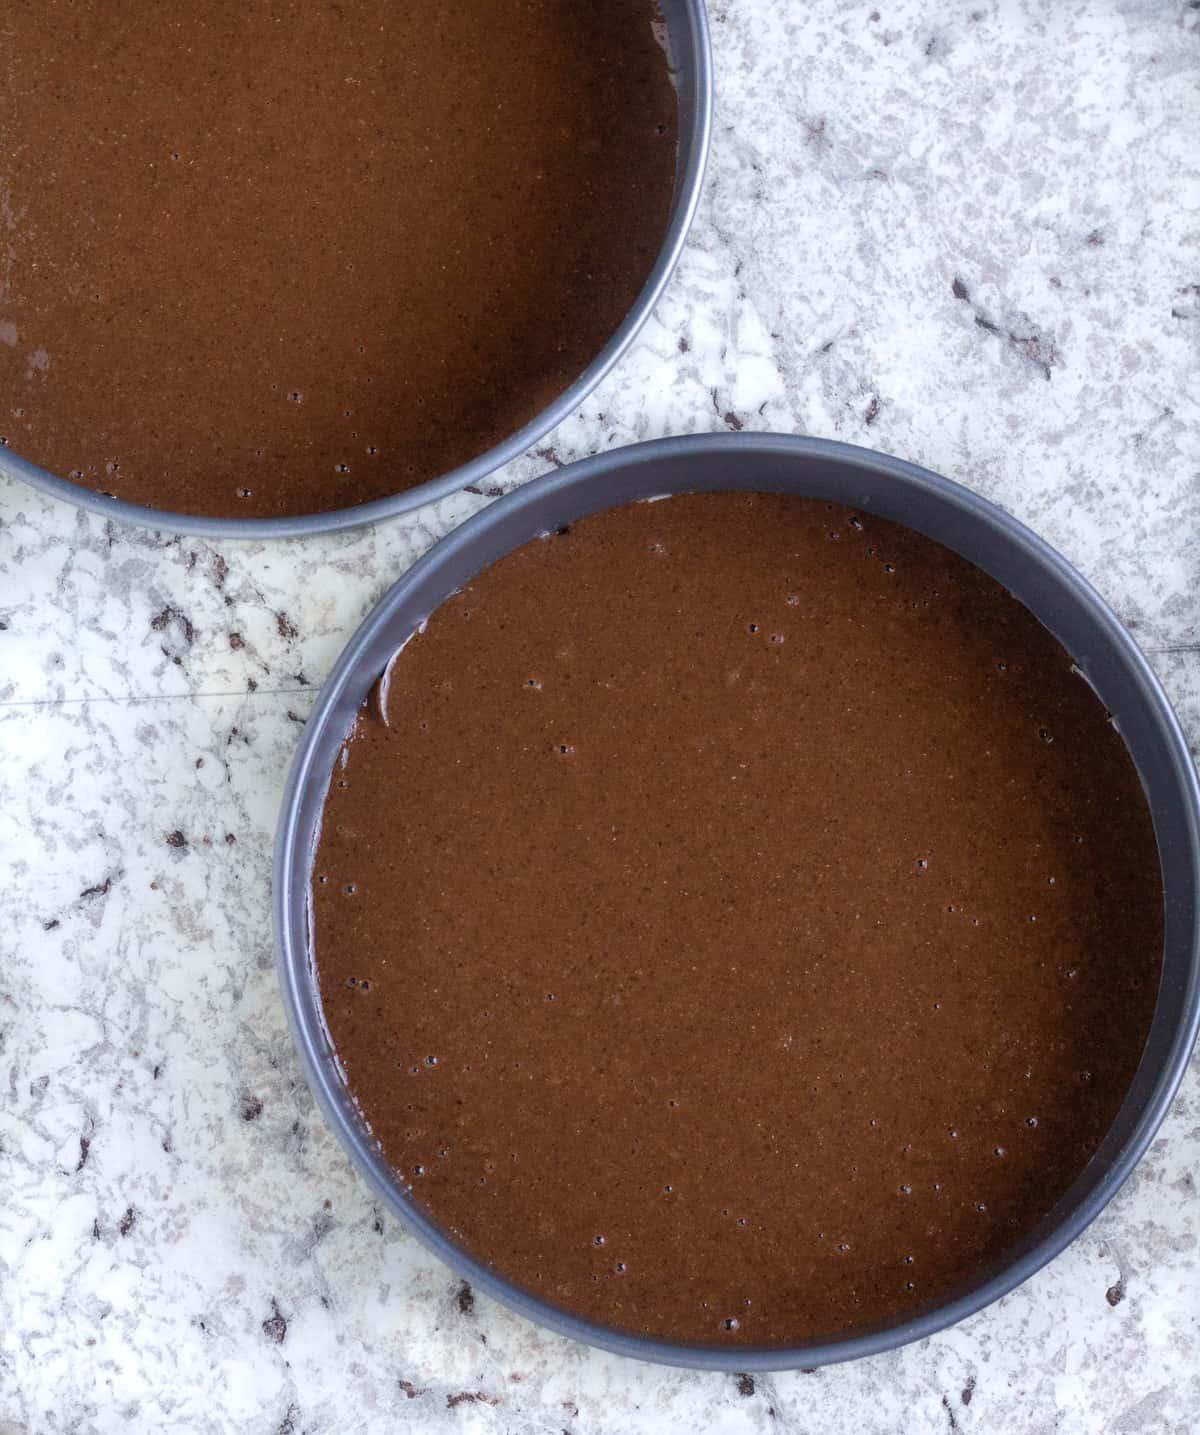 cake batter in cake pans